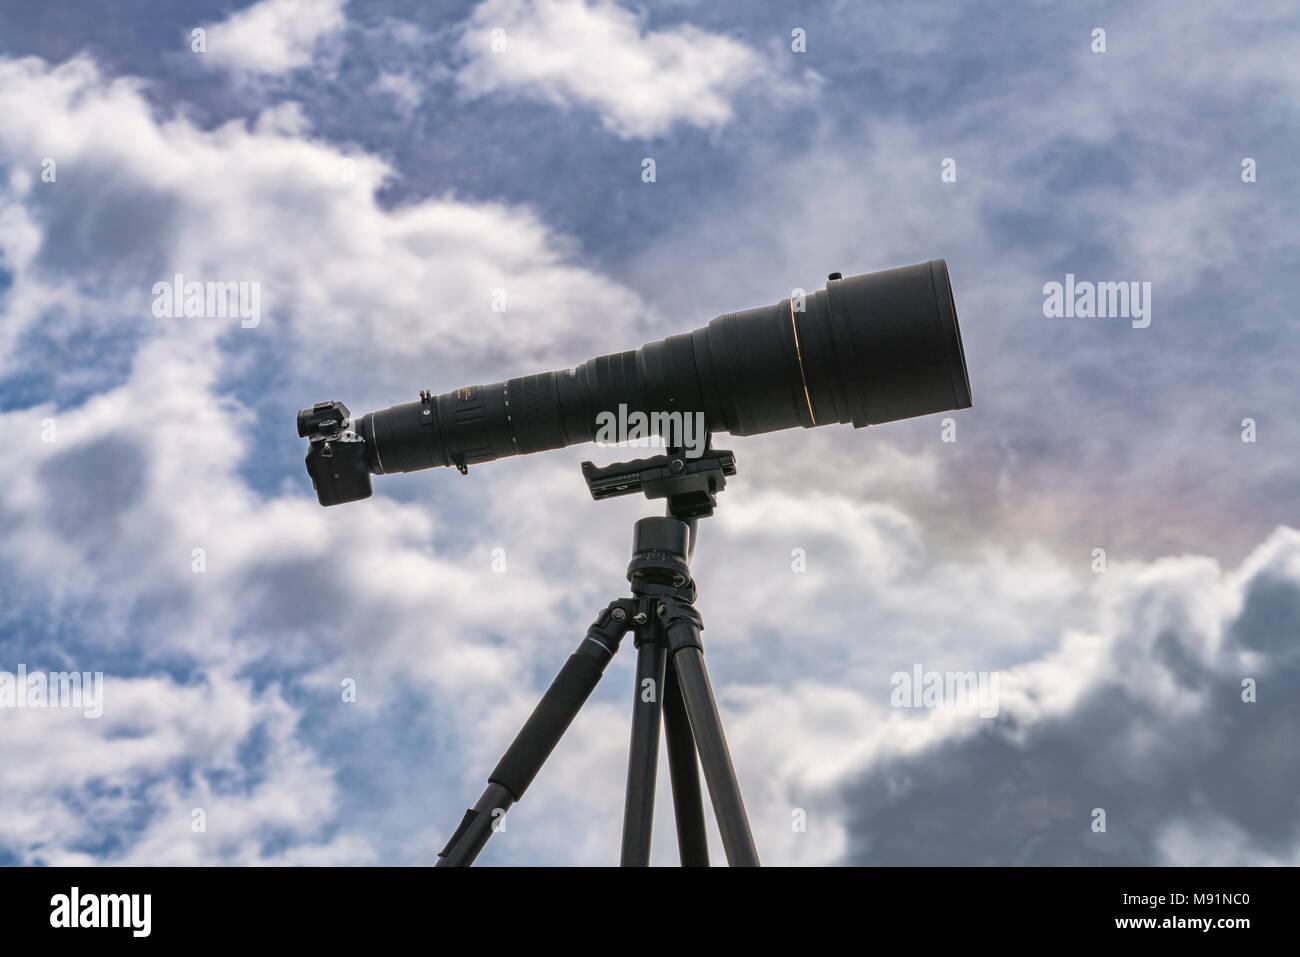 Kamera auf einem Stativ mit einer langen Objektiv, 800 mm. Stockbild